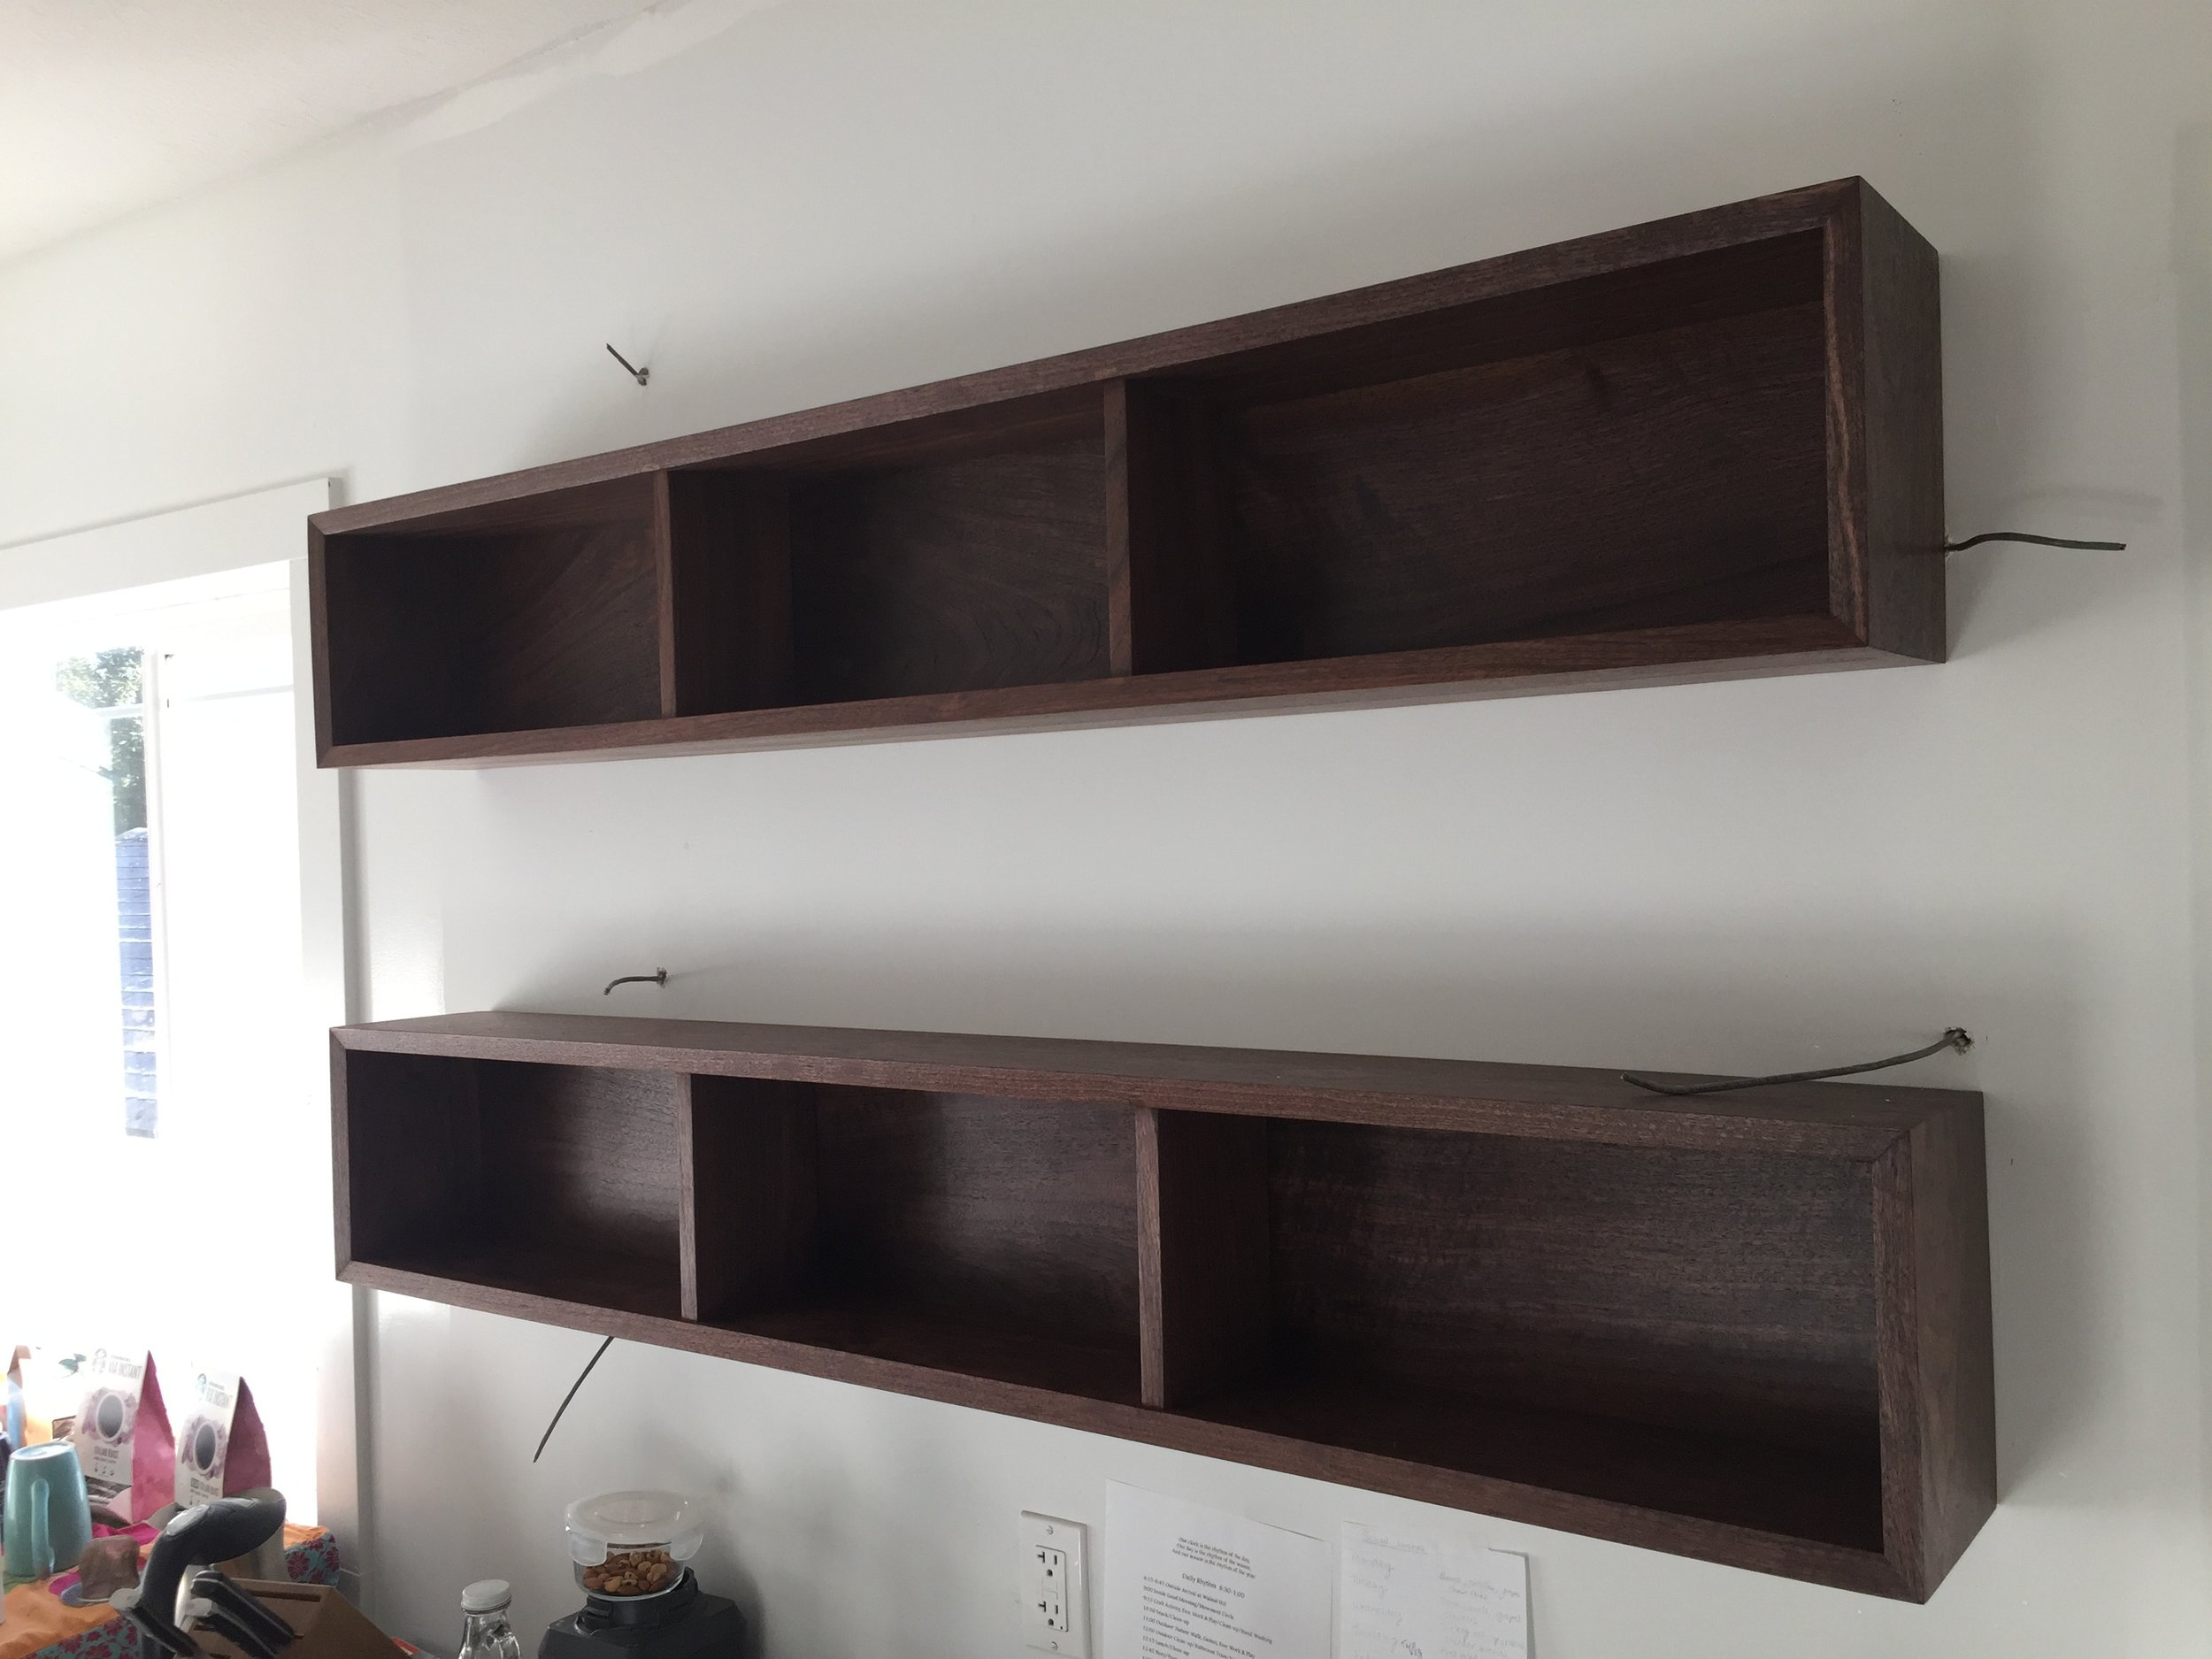 Walnut kitchen shelves, September '17